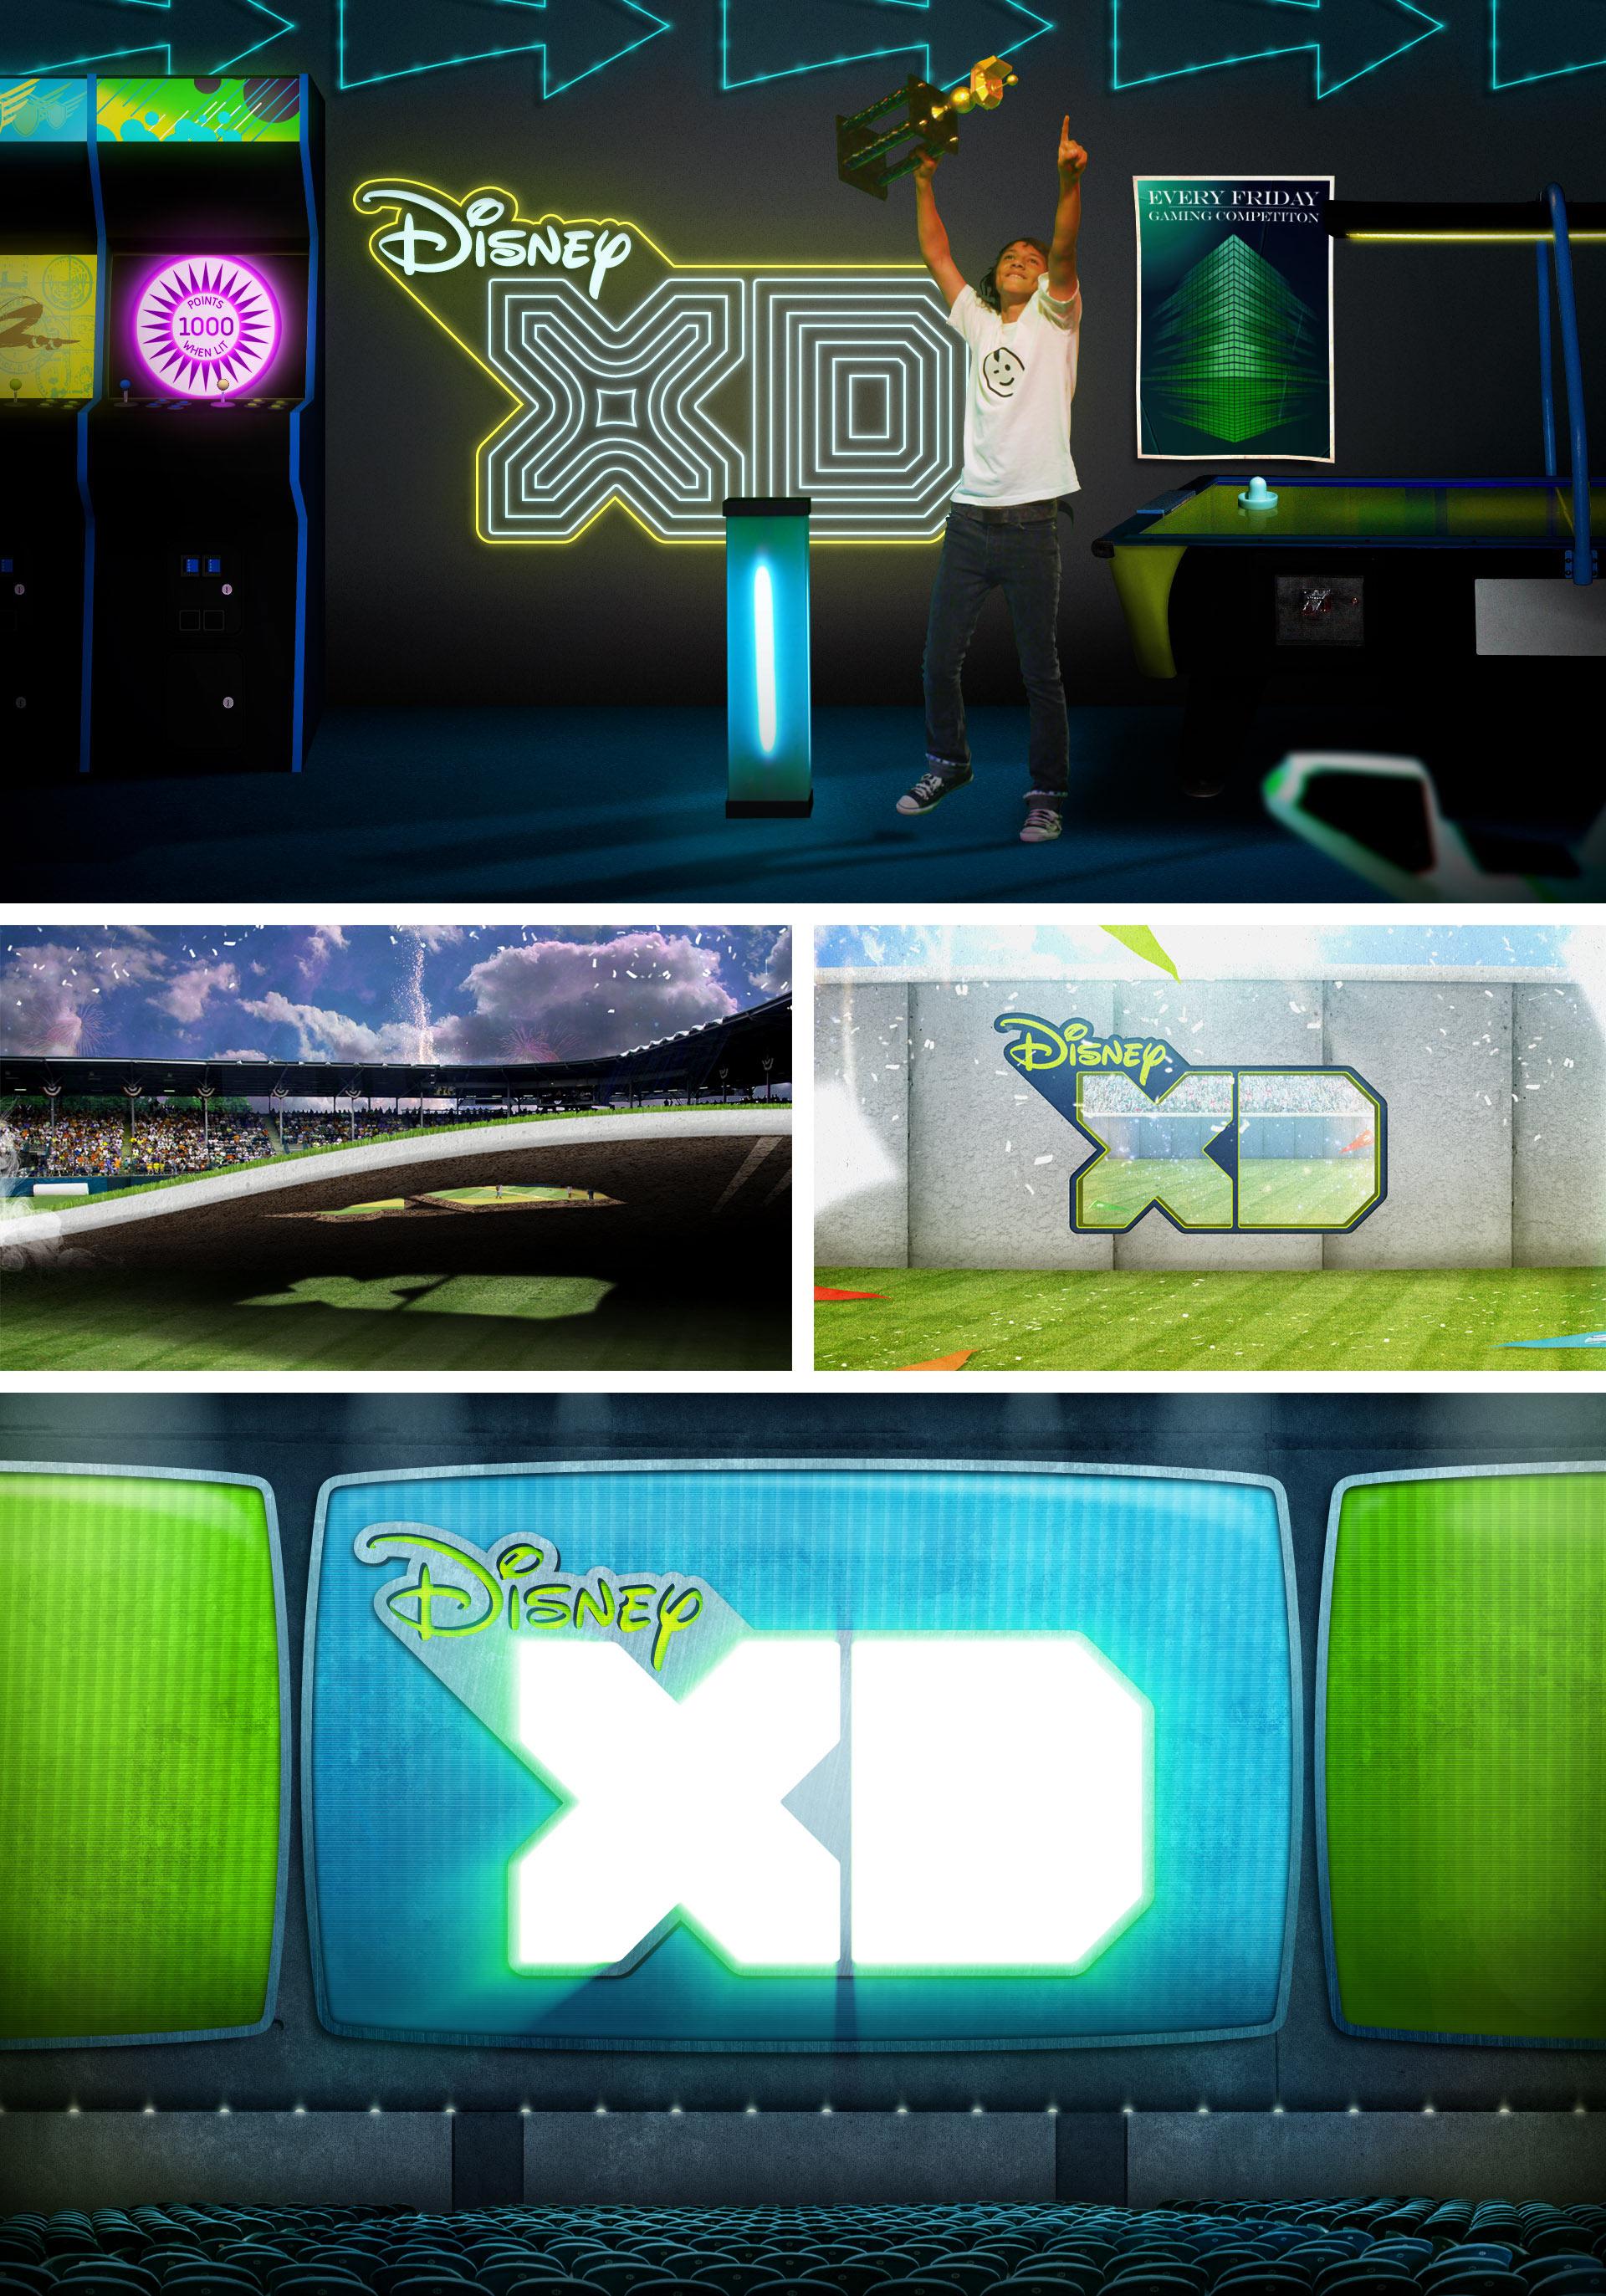 disneyXD_branding_04.jpg